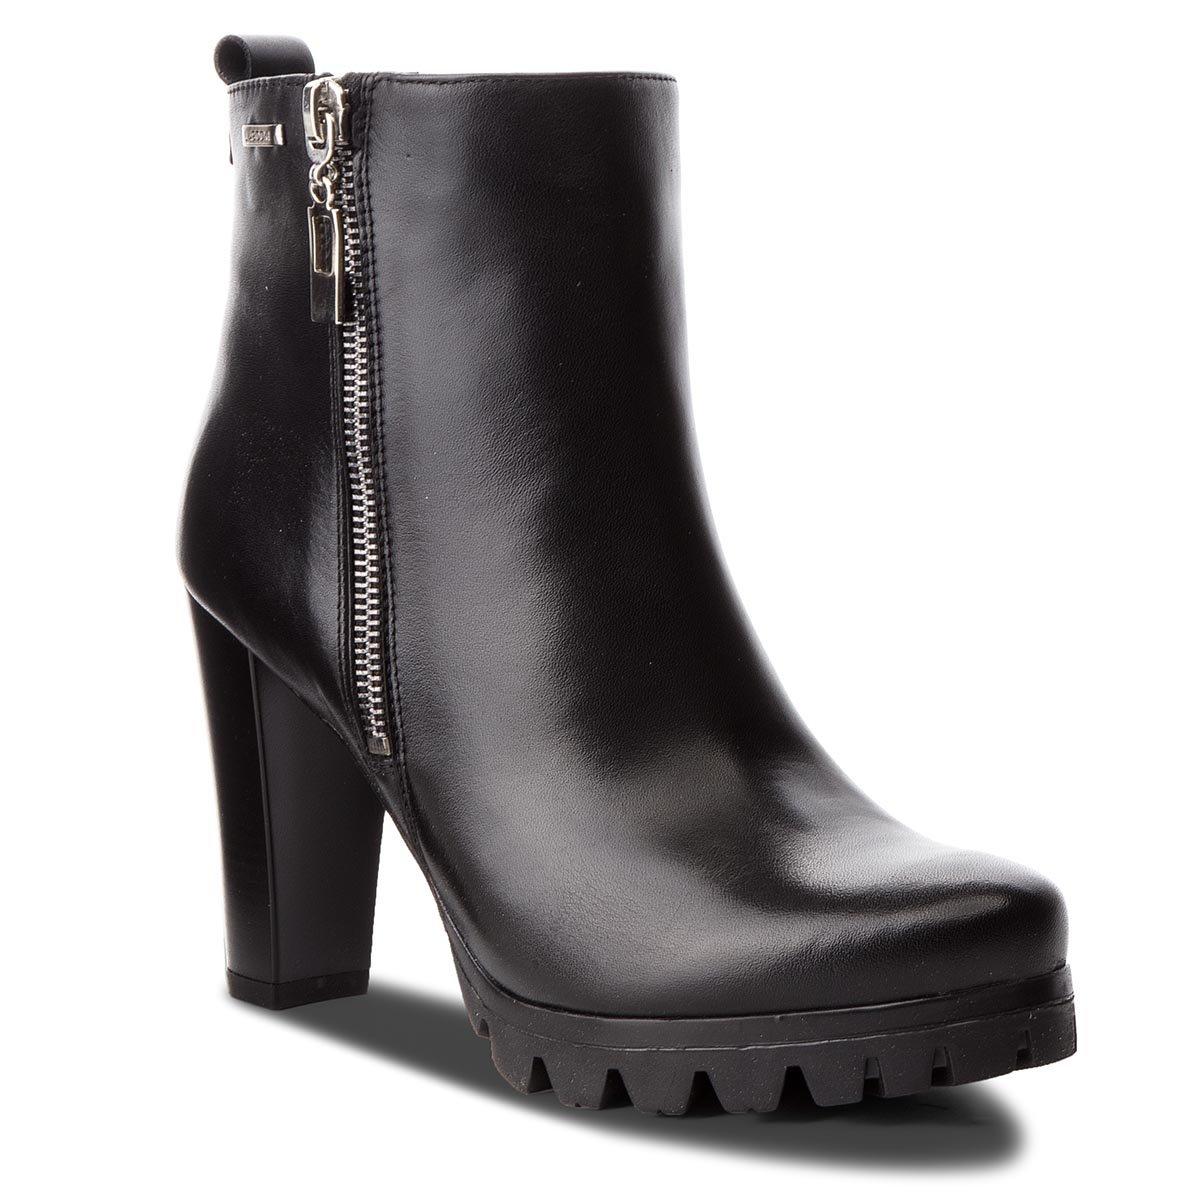 c5f760cb267 kotníčková bota Lasocki MOKKA-03 černá Dámské - https   ccc.eu